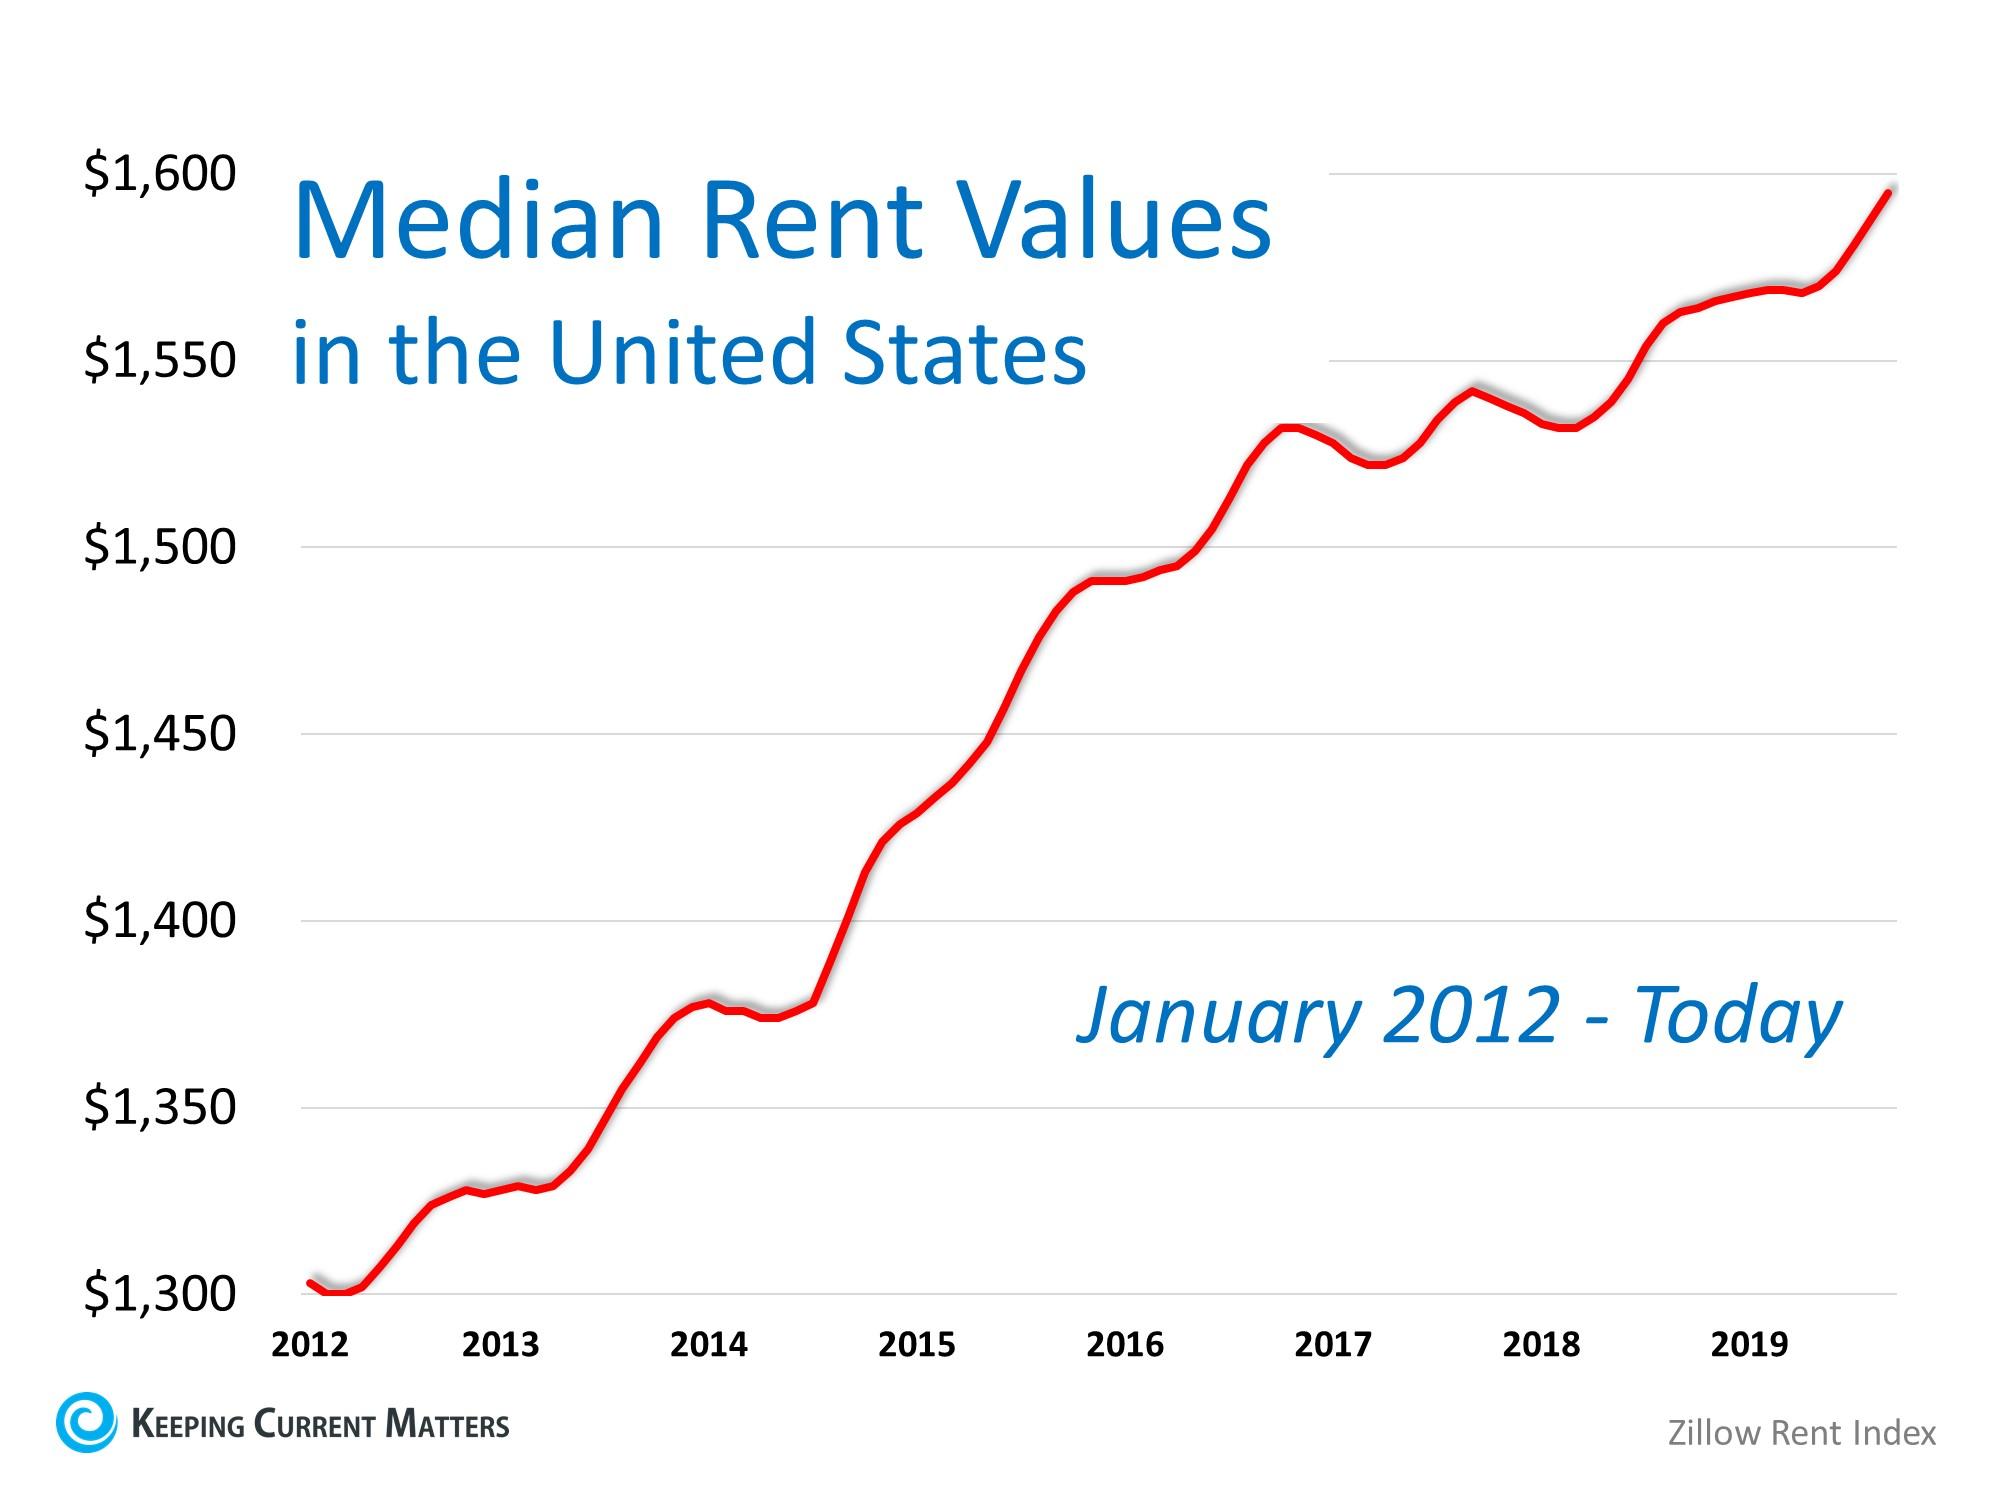 Median Rent Values